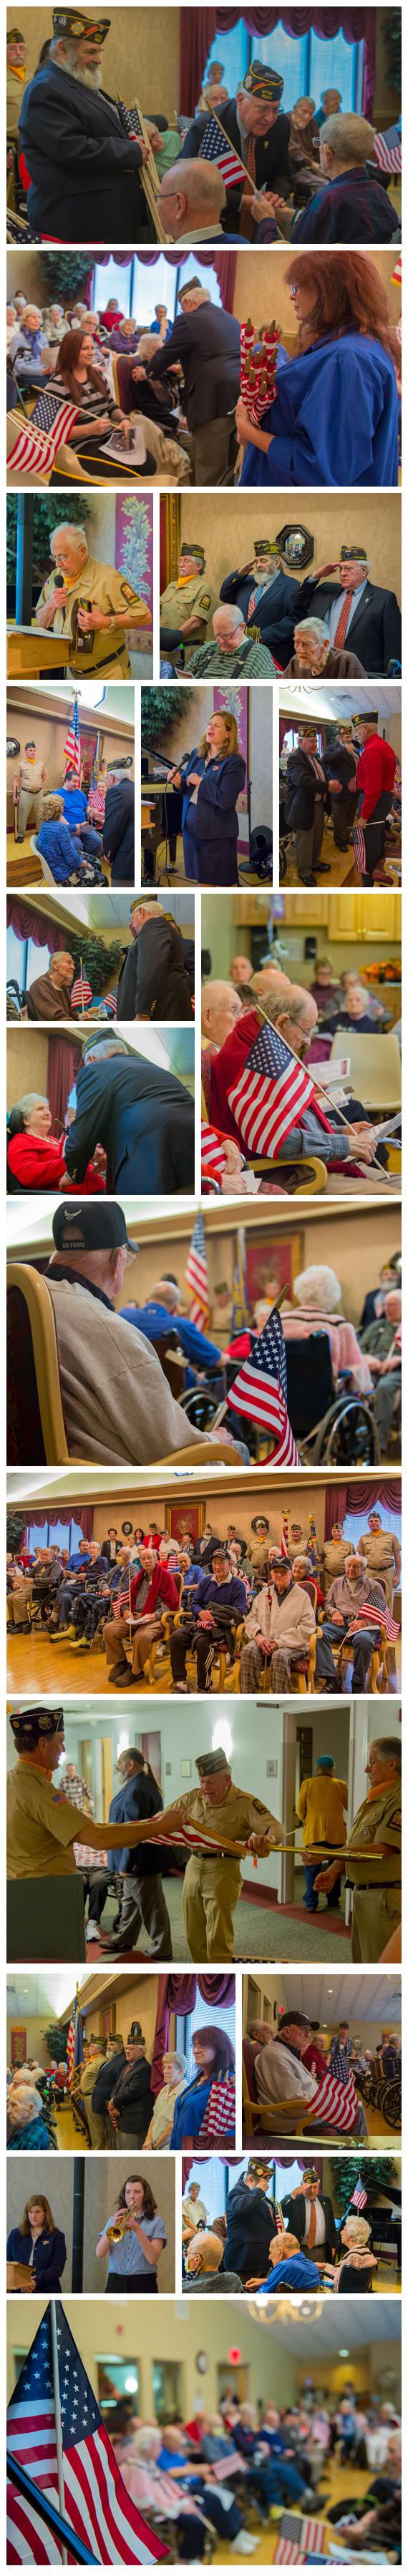 Photo of Veterans Day Ceremony